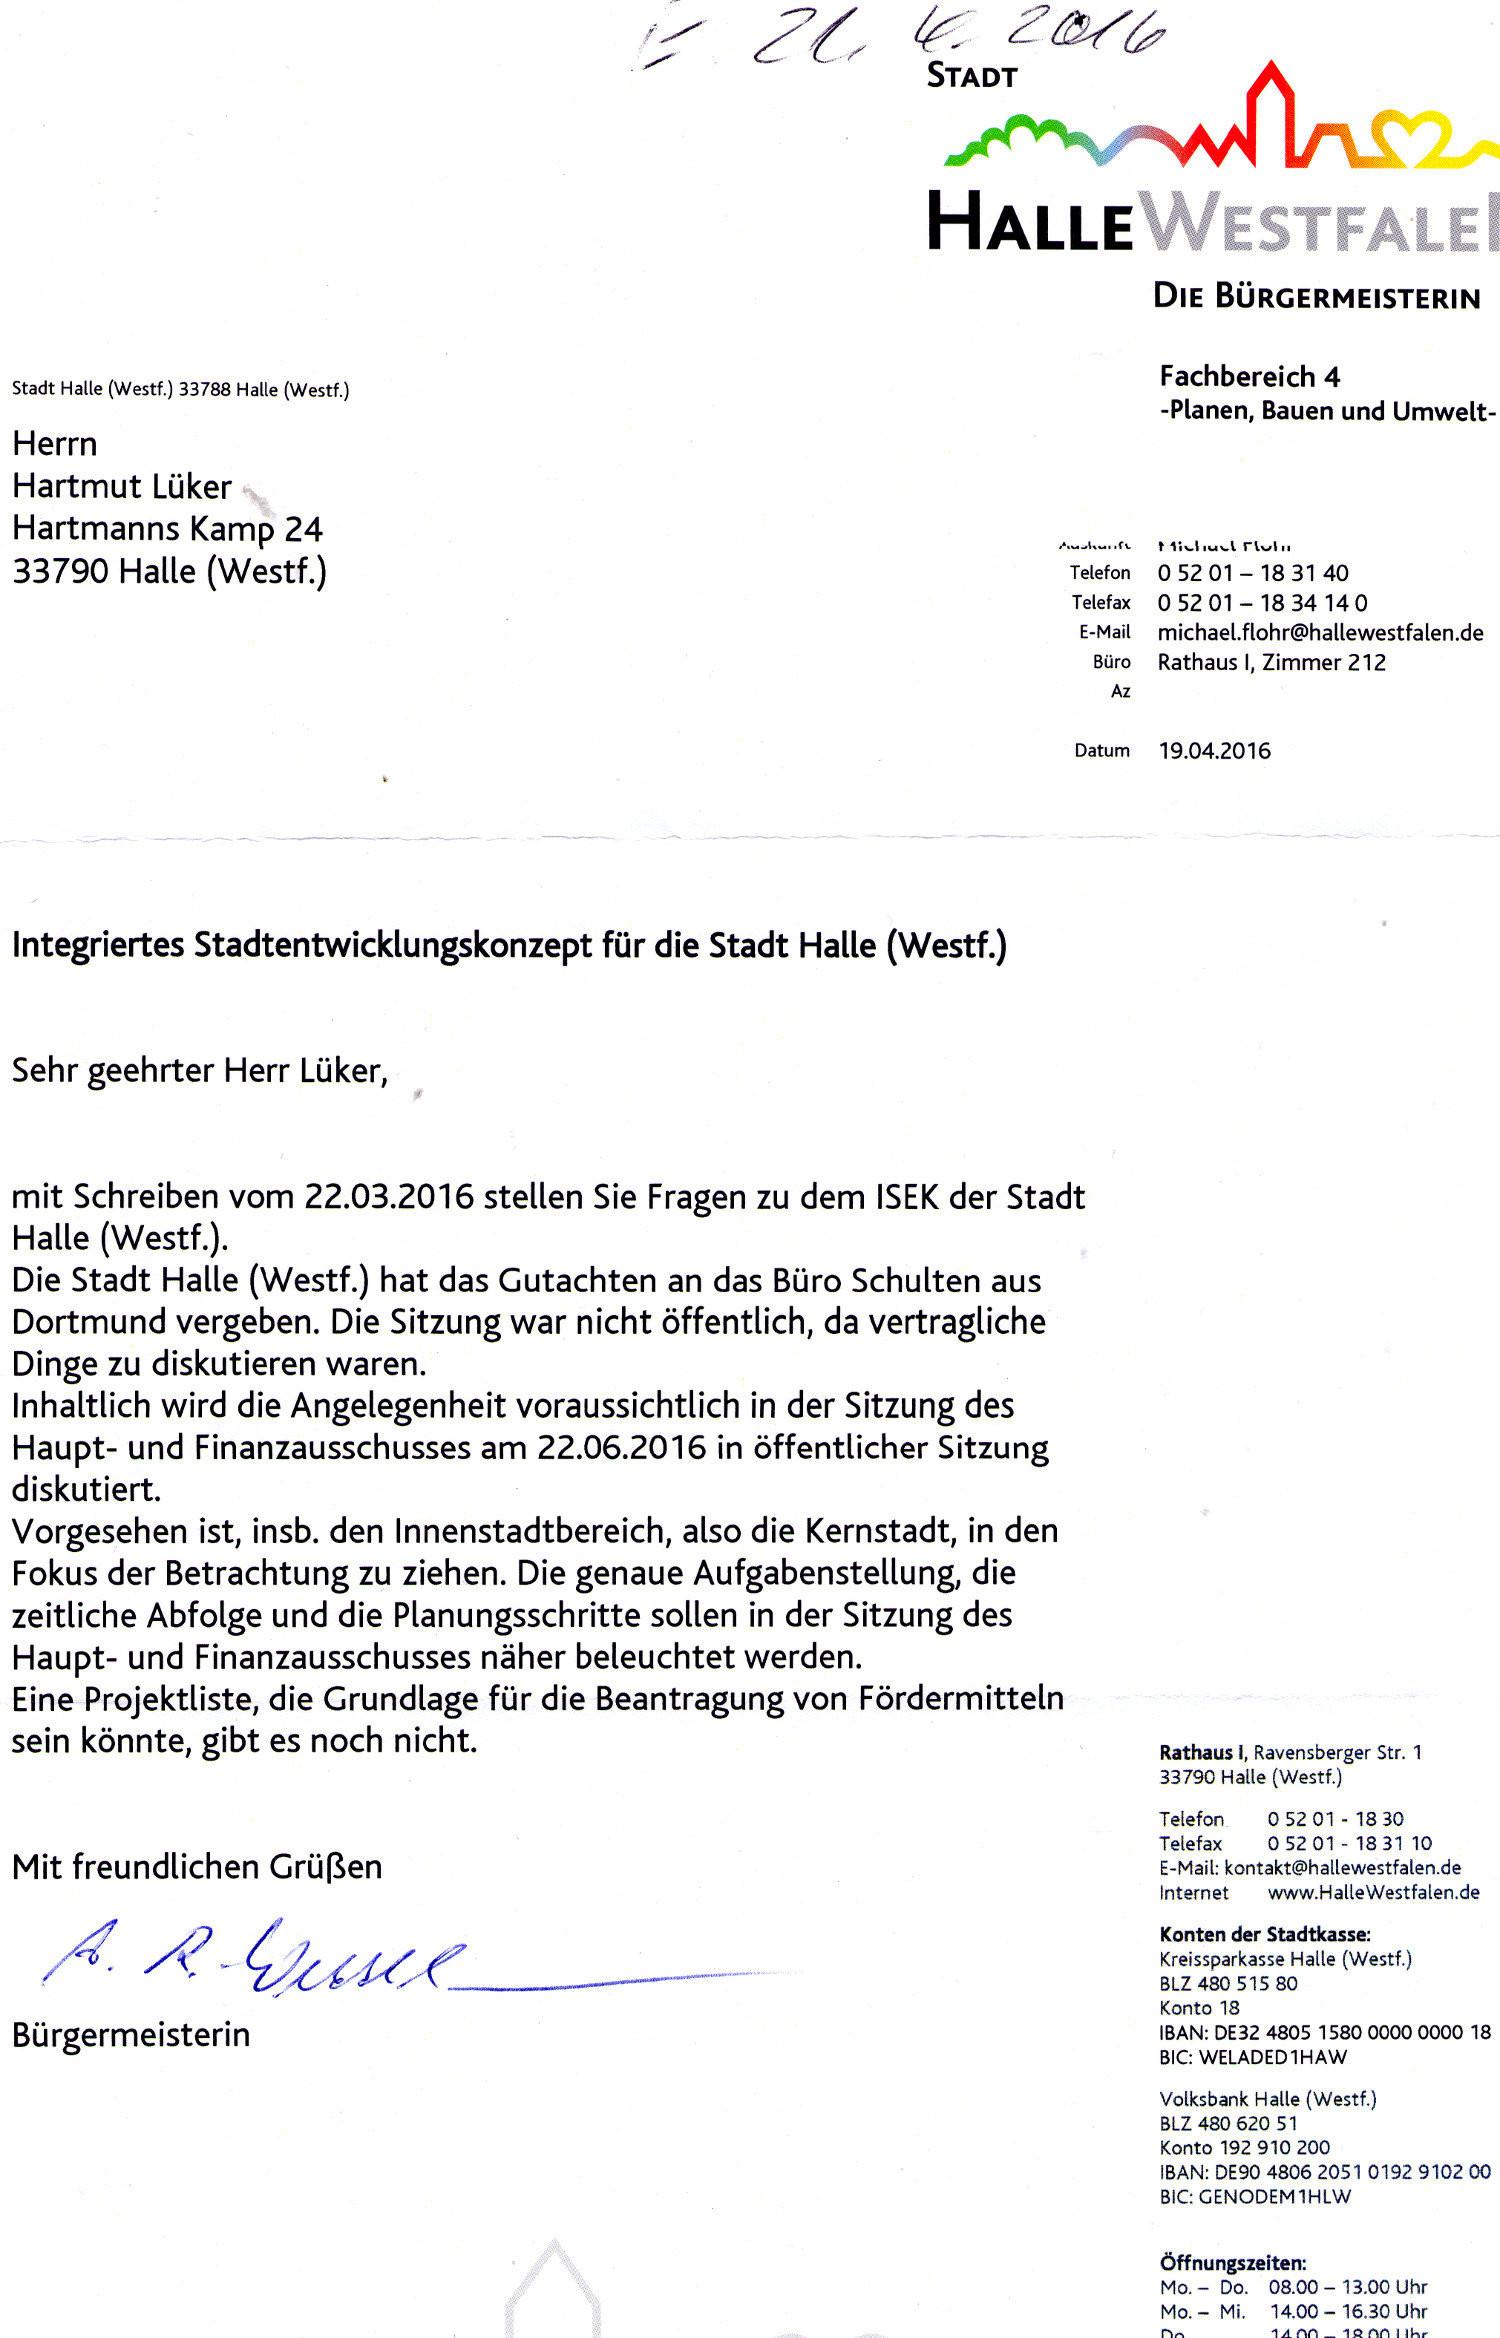 20160419 - Antwort auf das Schreiben an die Bürgermeisterin zu ISEK - 1500x